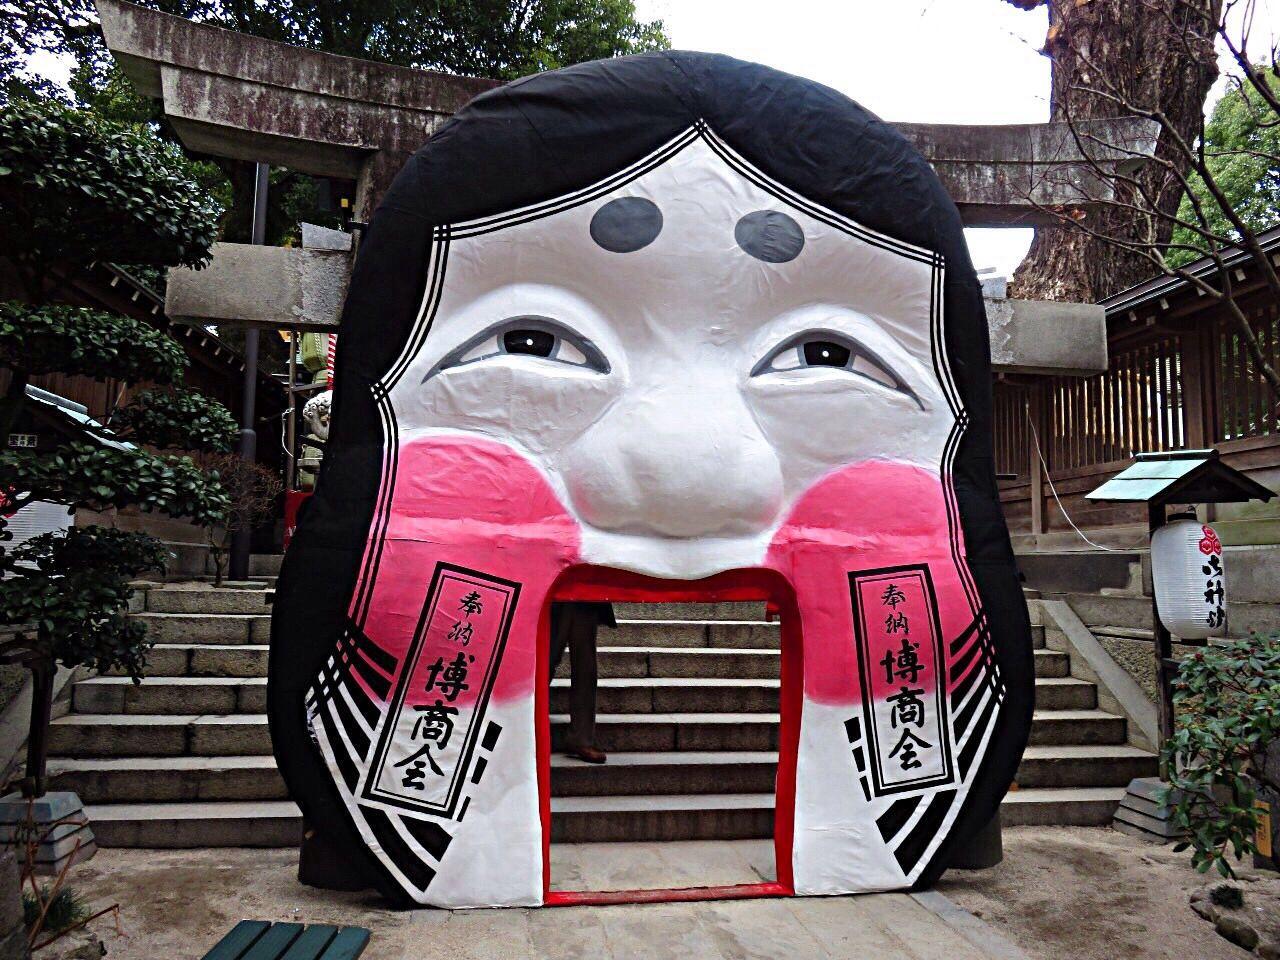 豆まき 節分祭 節分の日 神社 櫛田神社 Japanese Culture Japanese  Japanese Style Shrine Gate